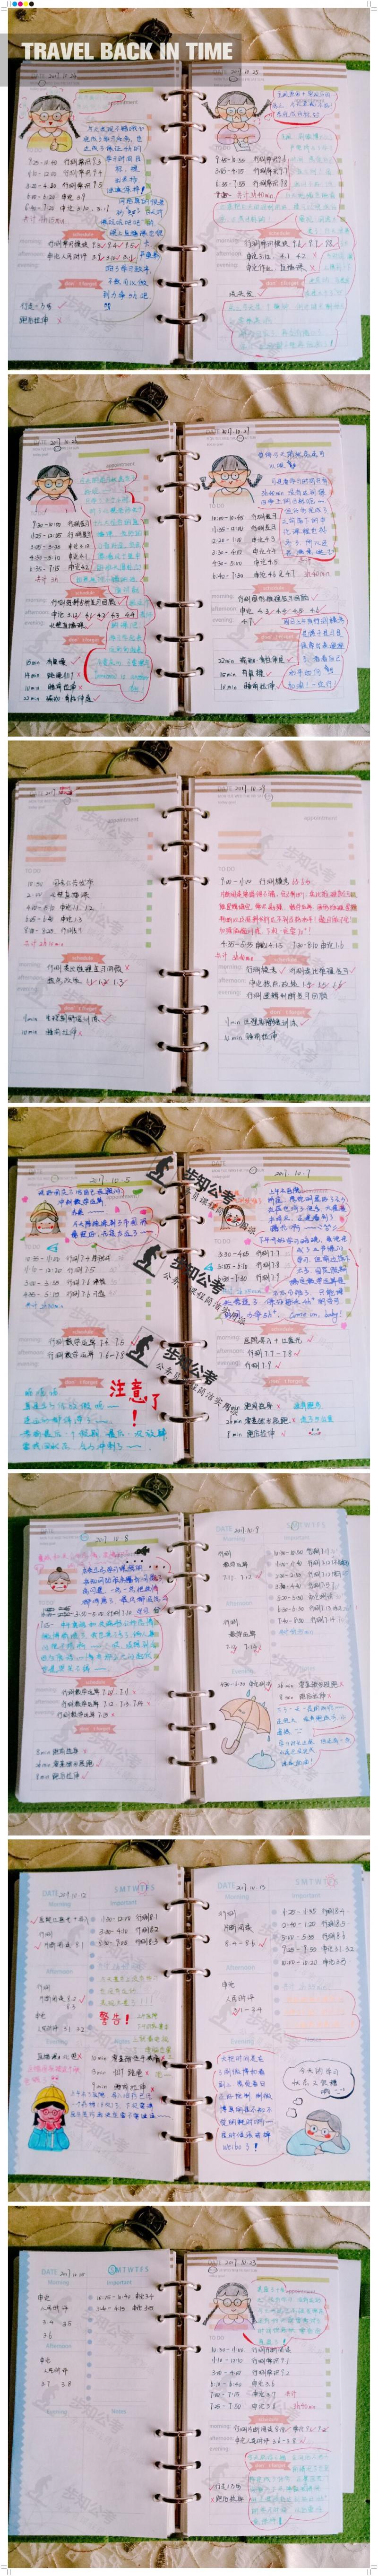 公考小白国考140+上岸的学习笔记分享3.jpg